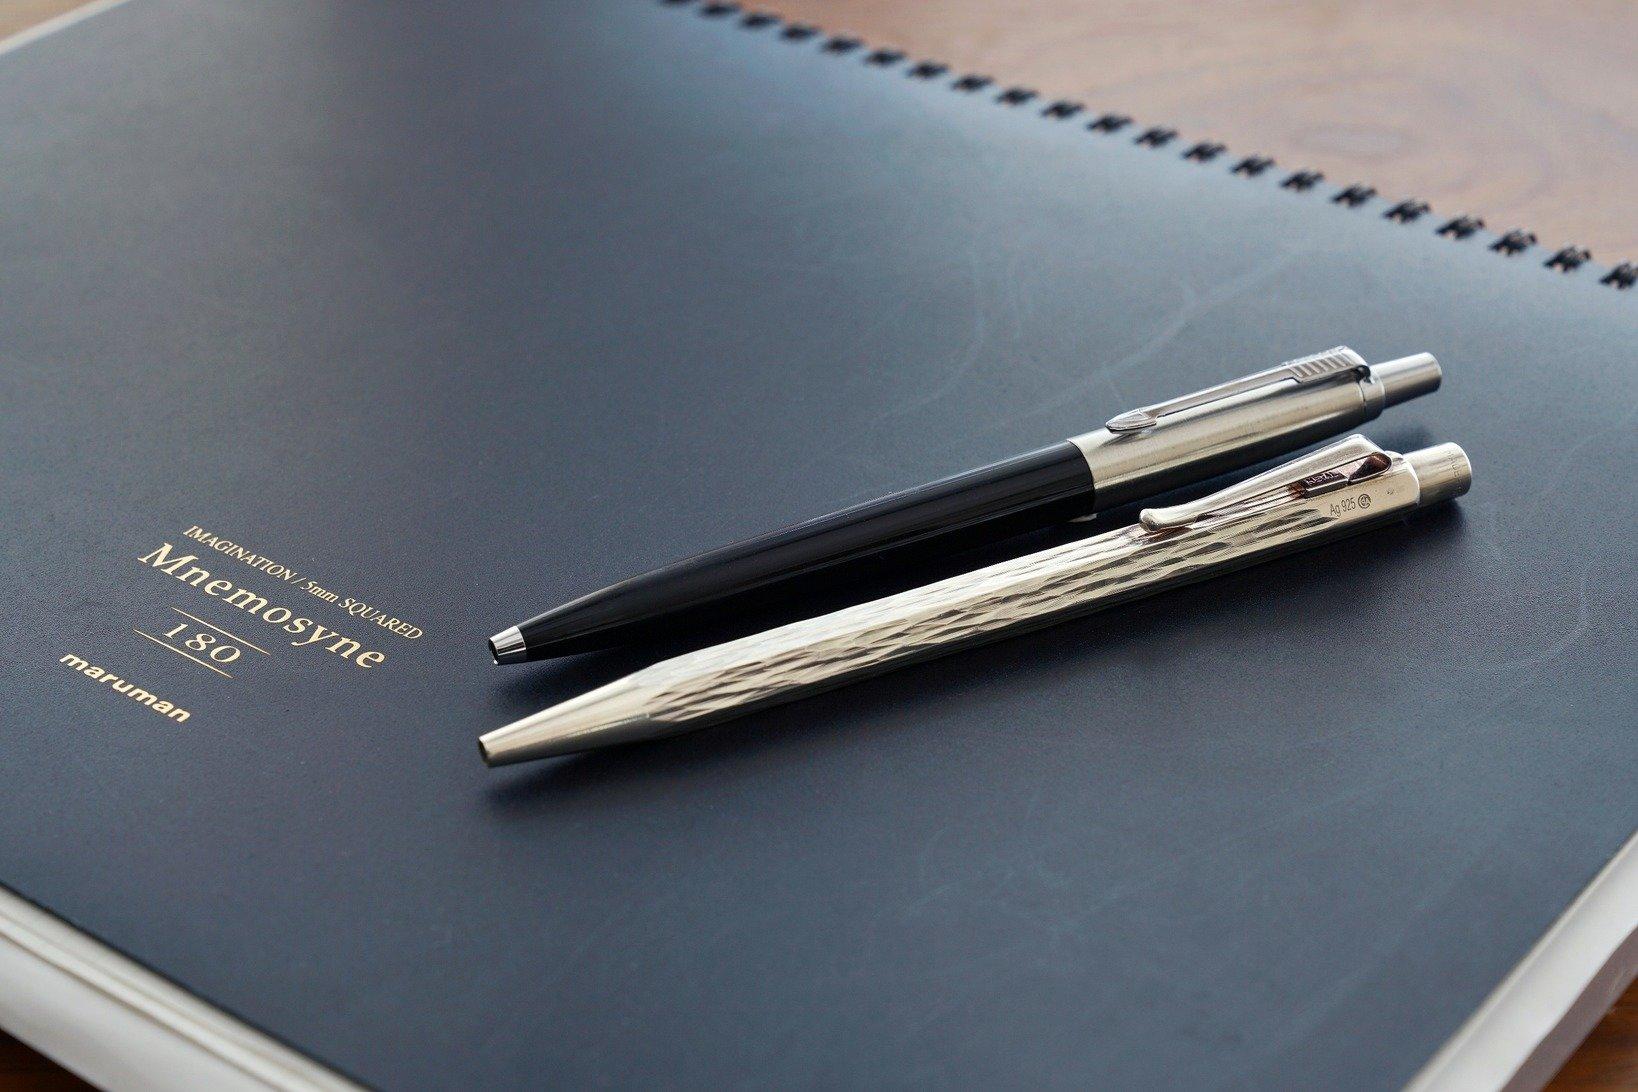 飯野さんお気に入りのノートと、万年筆が使えない環境で出番となるパーカーのボールペン「ジョッター」(左)とカランダッシュのエクリドール スターリングシルバー ベネシアン(右)。因みにこのパーカーは1970年代製。つまり小学生の頃からずっと使っているもの。